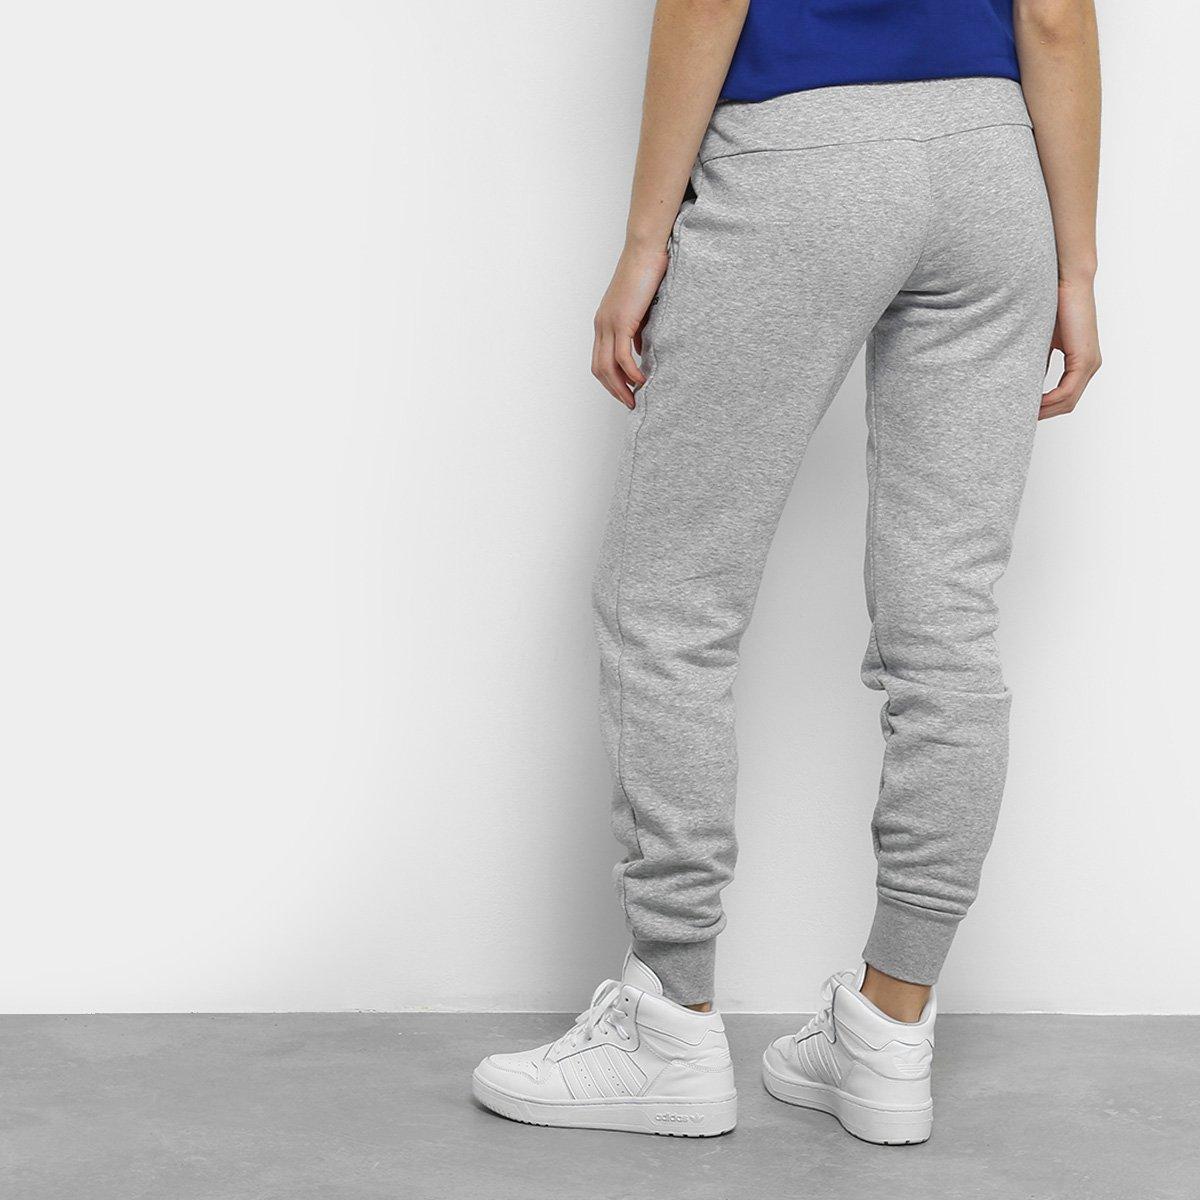 Calça Adidas Essential Solid Feminina  Calça Adidas Essential Solid Feminina  ... d53628ac90f